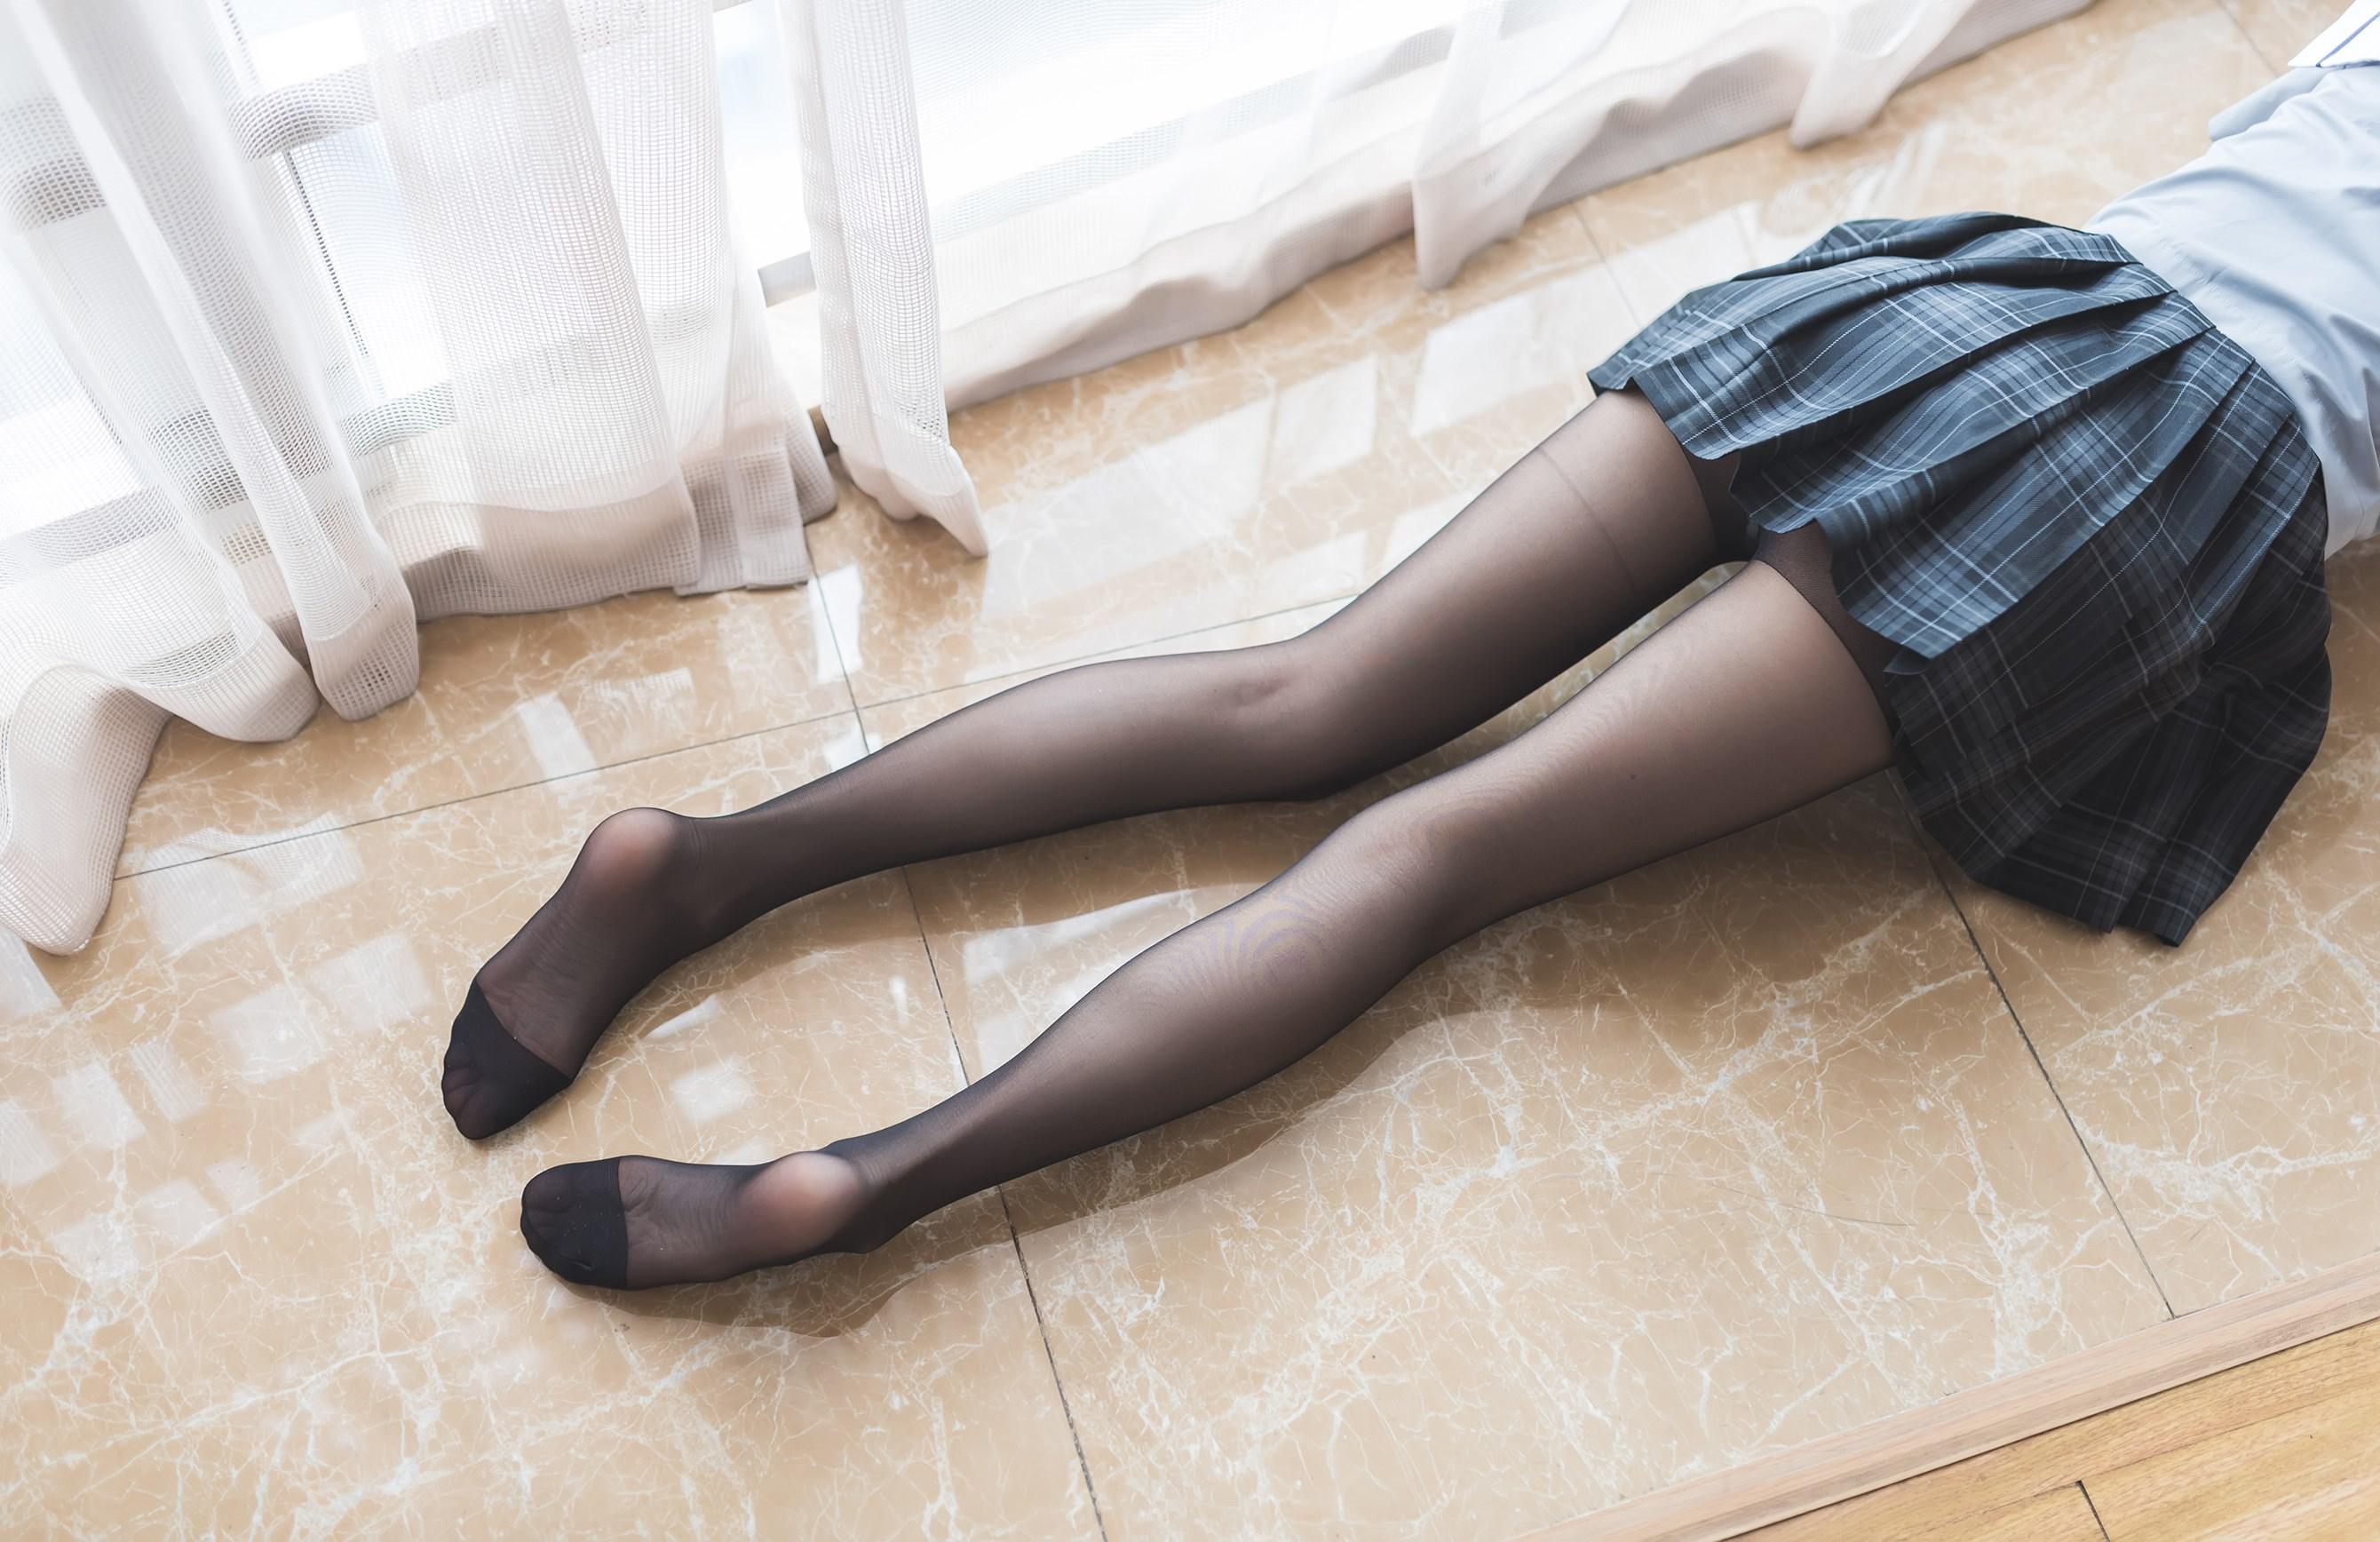 【兔玩映画】黑丝的诱惑 兔玩映画 第10张